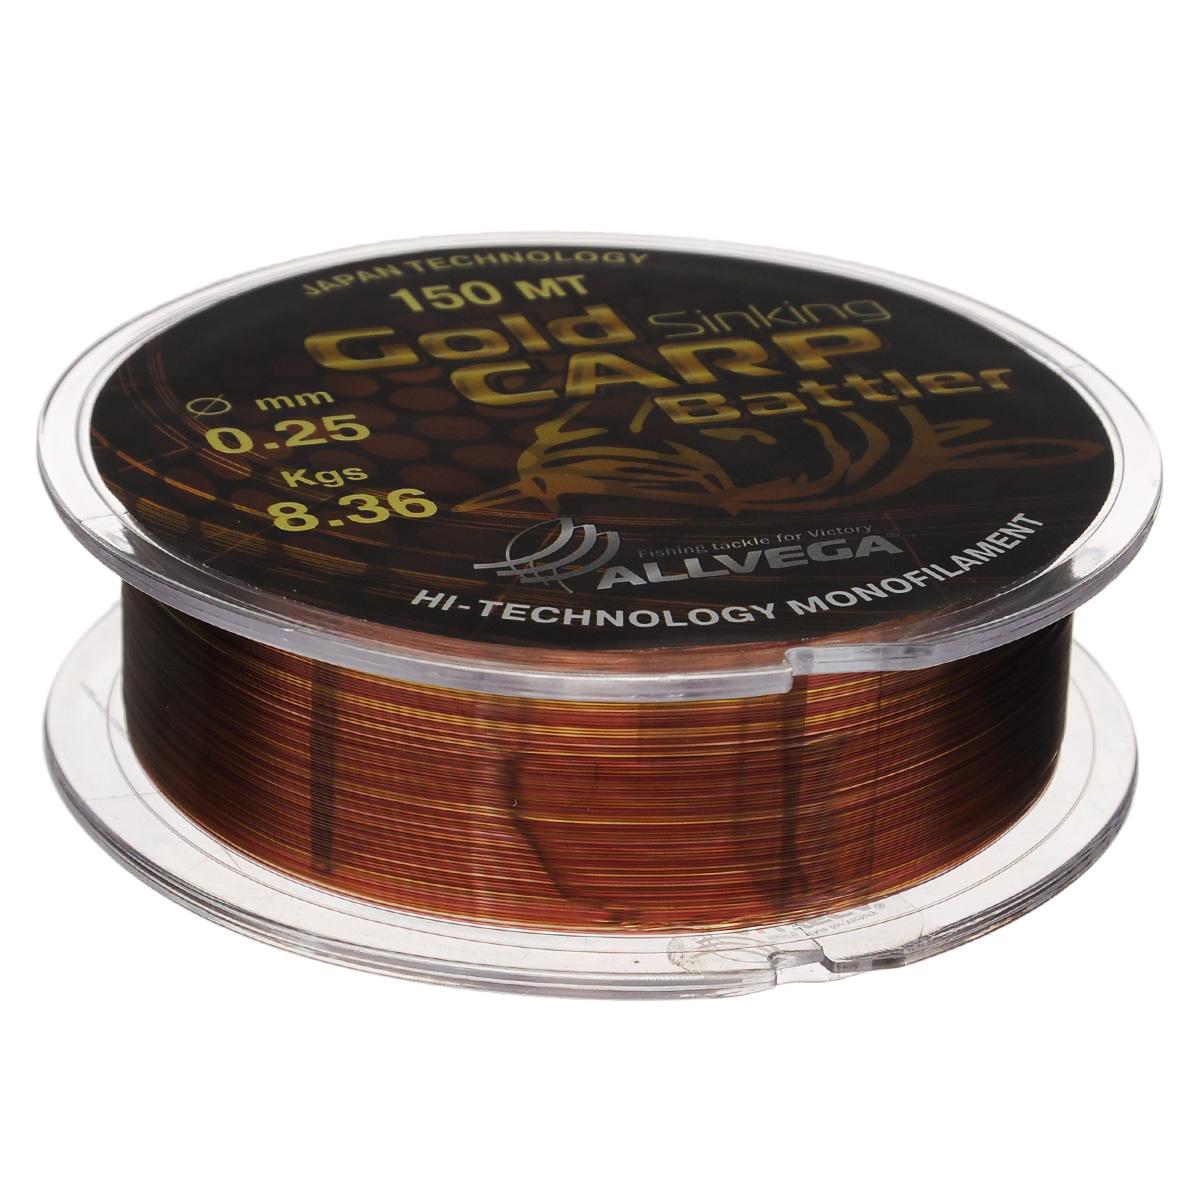 Леска Allvega Gold Karp Battler, цвет: коричневый, 150 м, 0,25 мм, 8,36 кг39948Карповая леска Allvega Gold Karp Battler была разработана для ловли действительно крупной рыбы. Способна противостоять большим нагрузкам в условиях густой растительности и коряжнике. Специальный цвет имеет неоднородную структуру, что позволяет быть не заметной на дне. Хорошо тонет, что является важным критерием для выбора карповой лески.